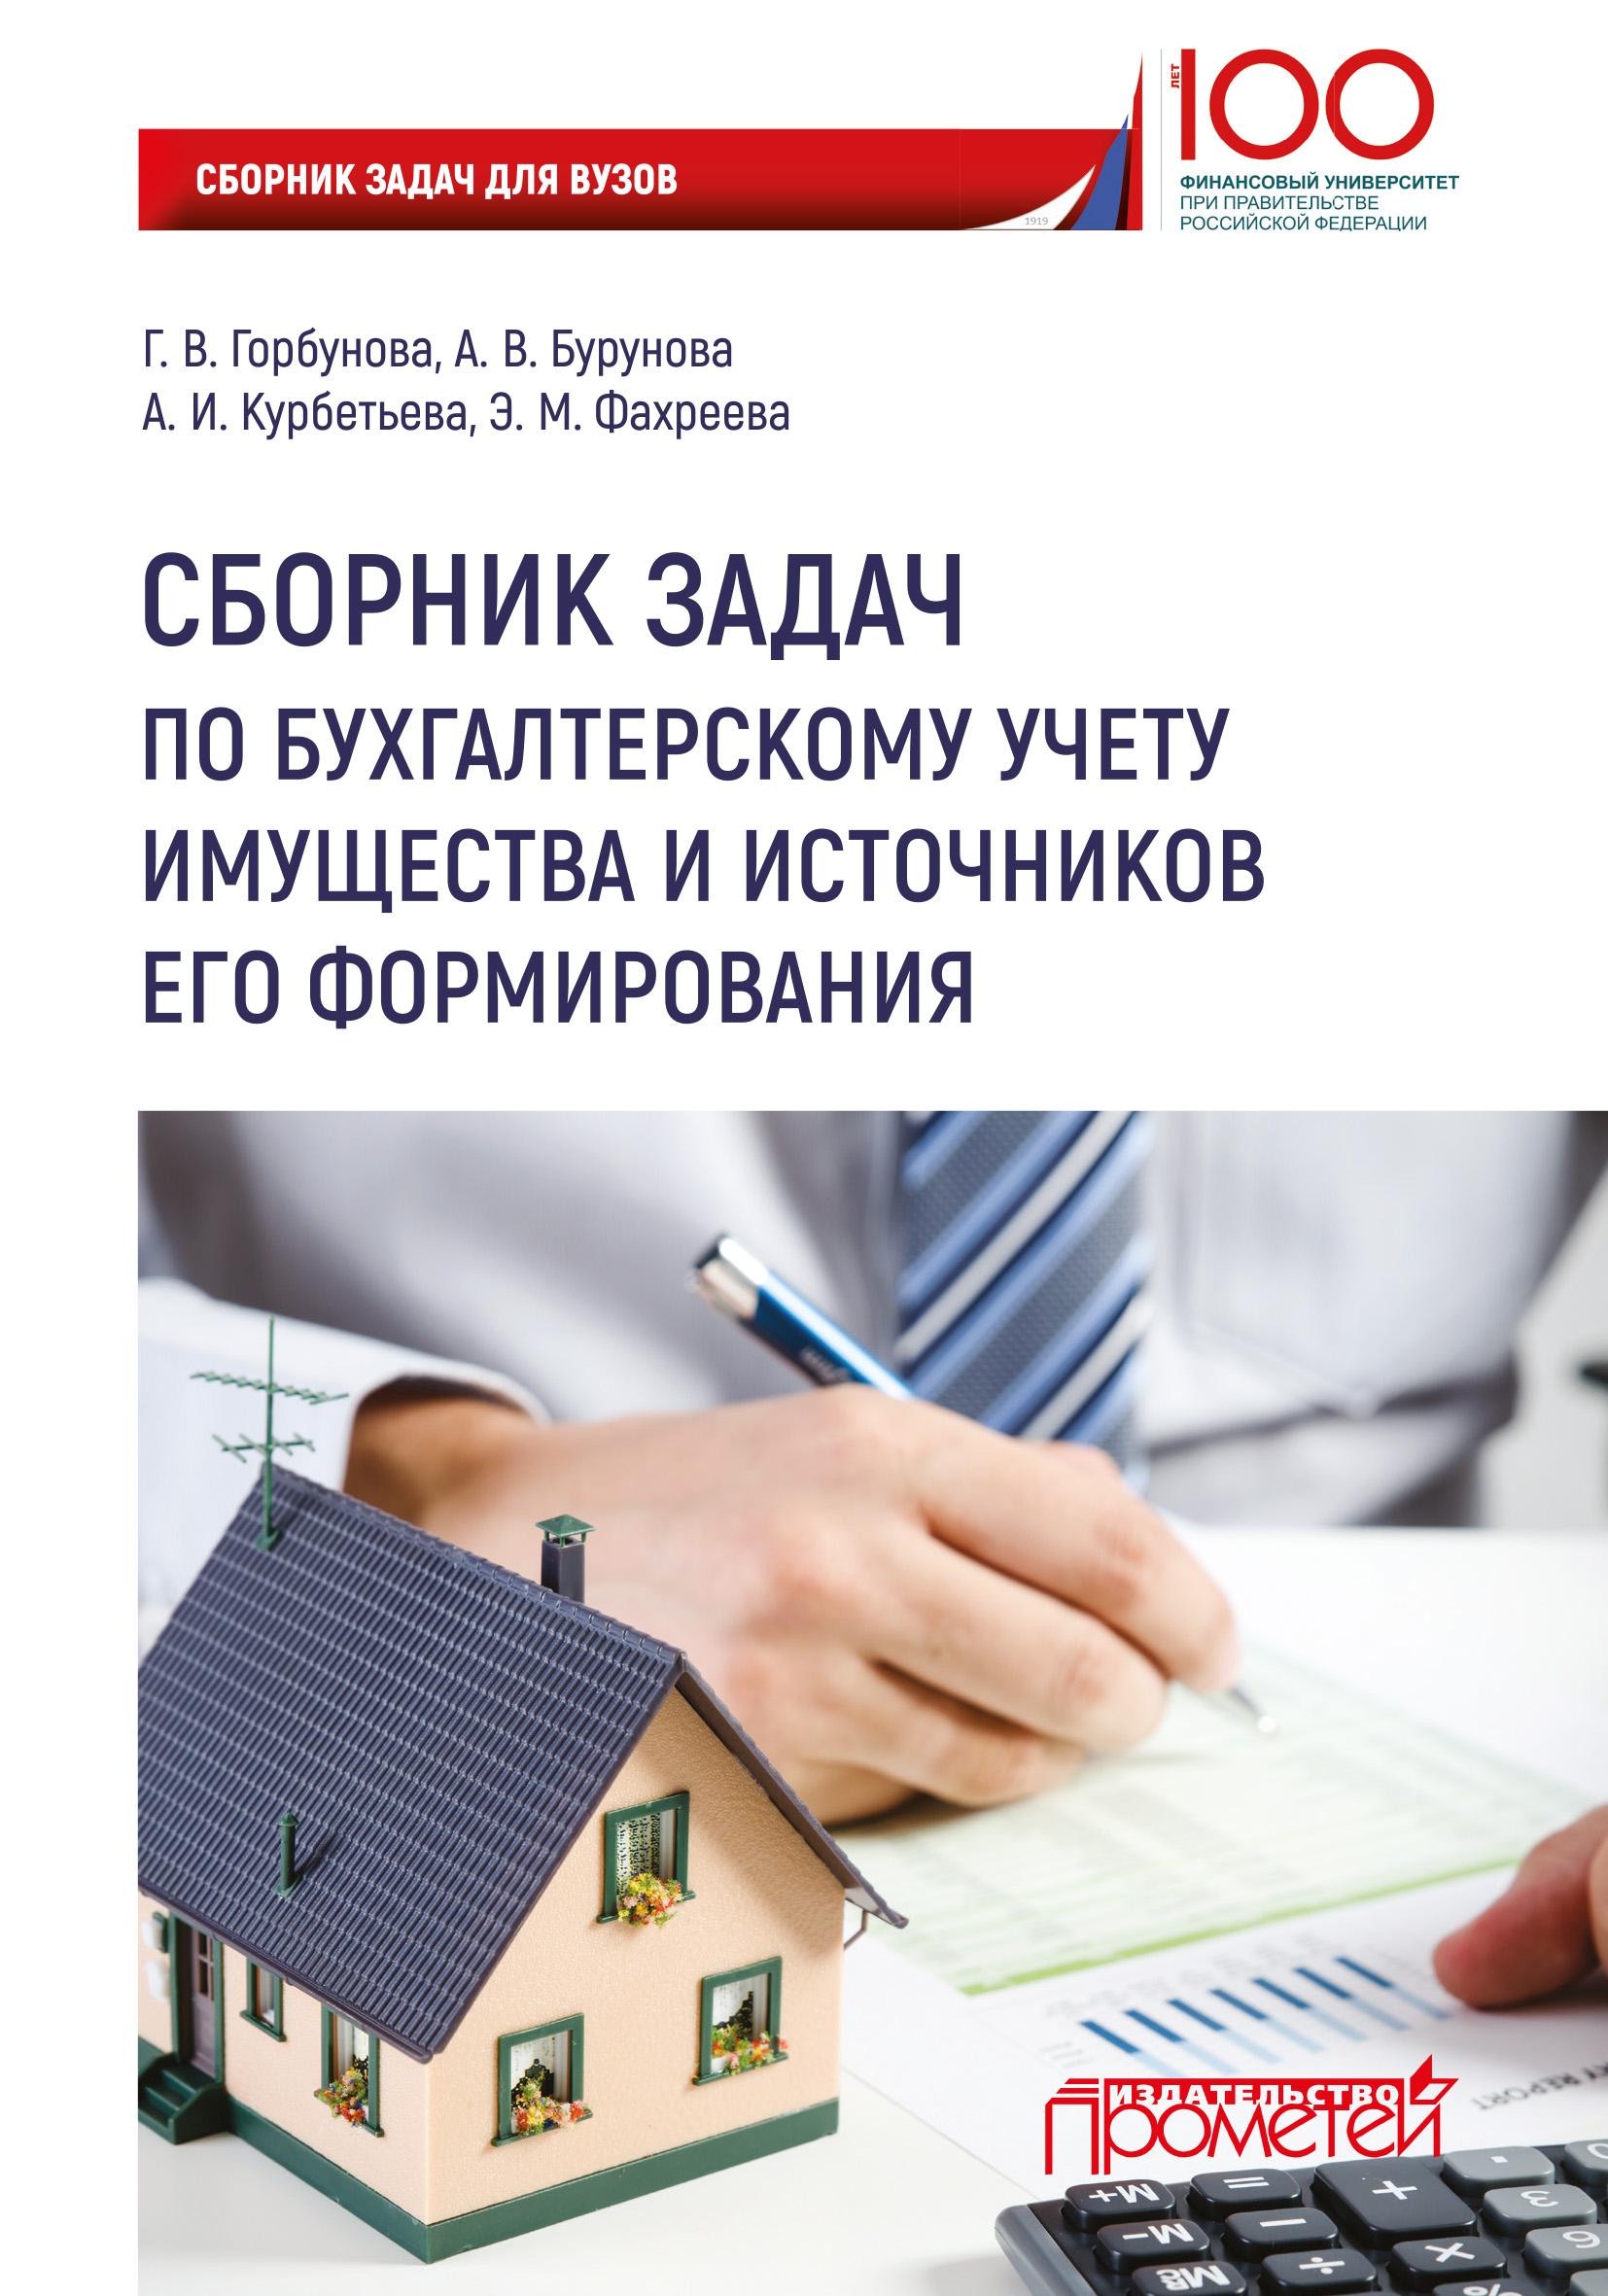 Журналы по бухгалтерии читать онлайн скачать заявление о регистрации в качестве ип